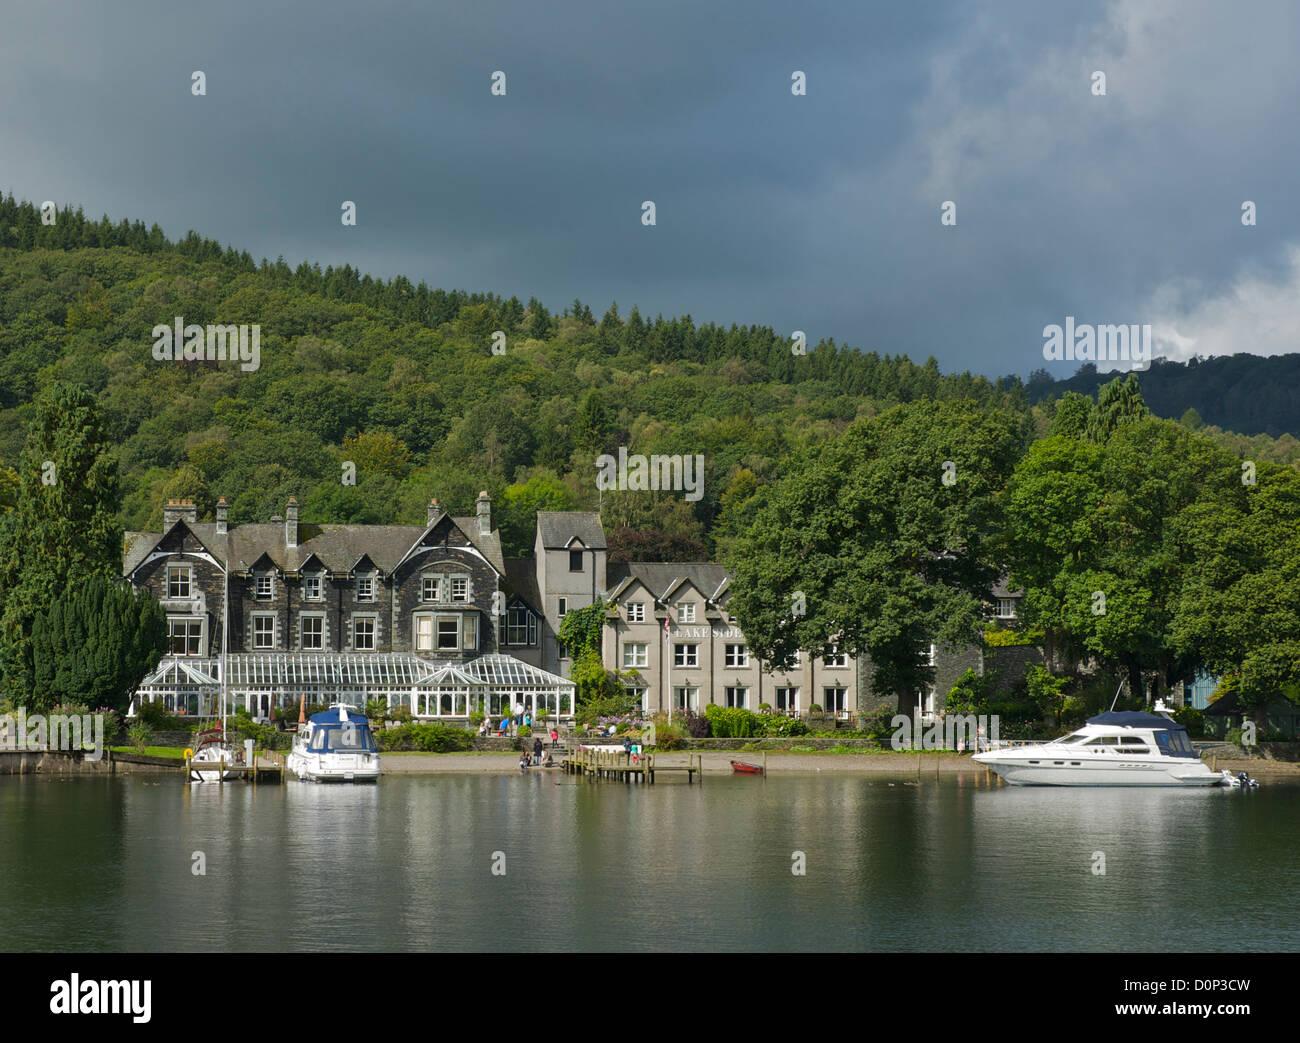 Hôtel au bord du lac, le lac Windermere, Parc National de Lake District, Cumbria, Angleterre, Royaume-Uni Photo Stock